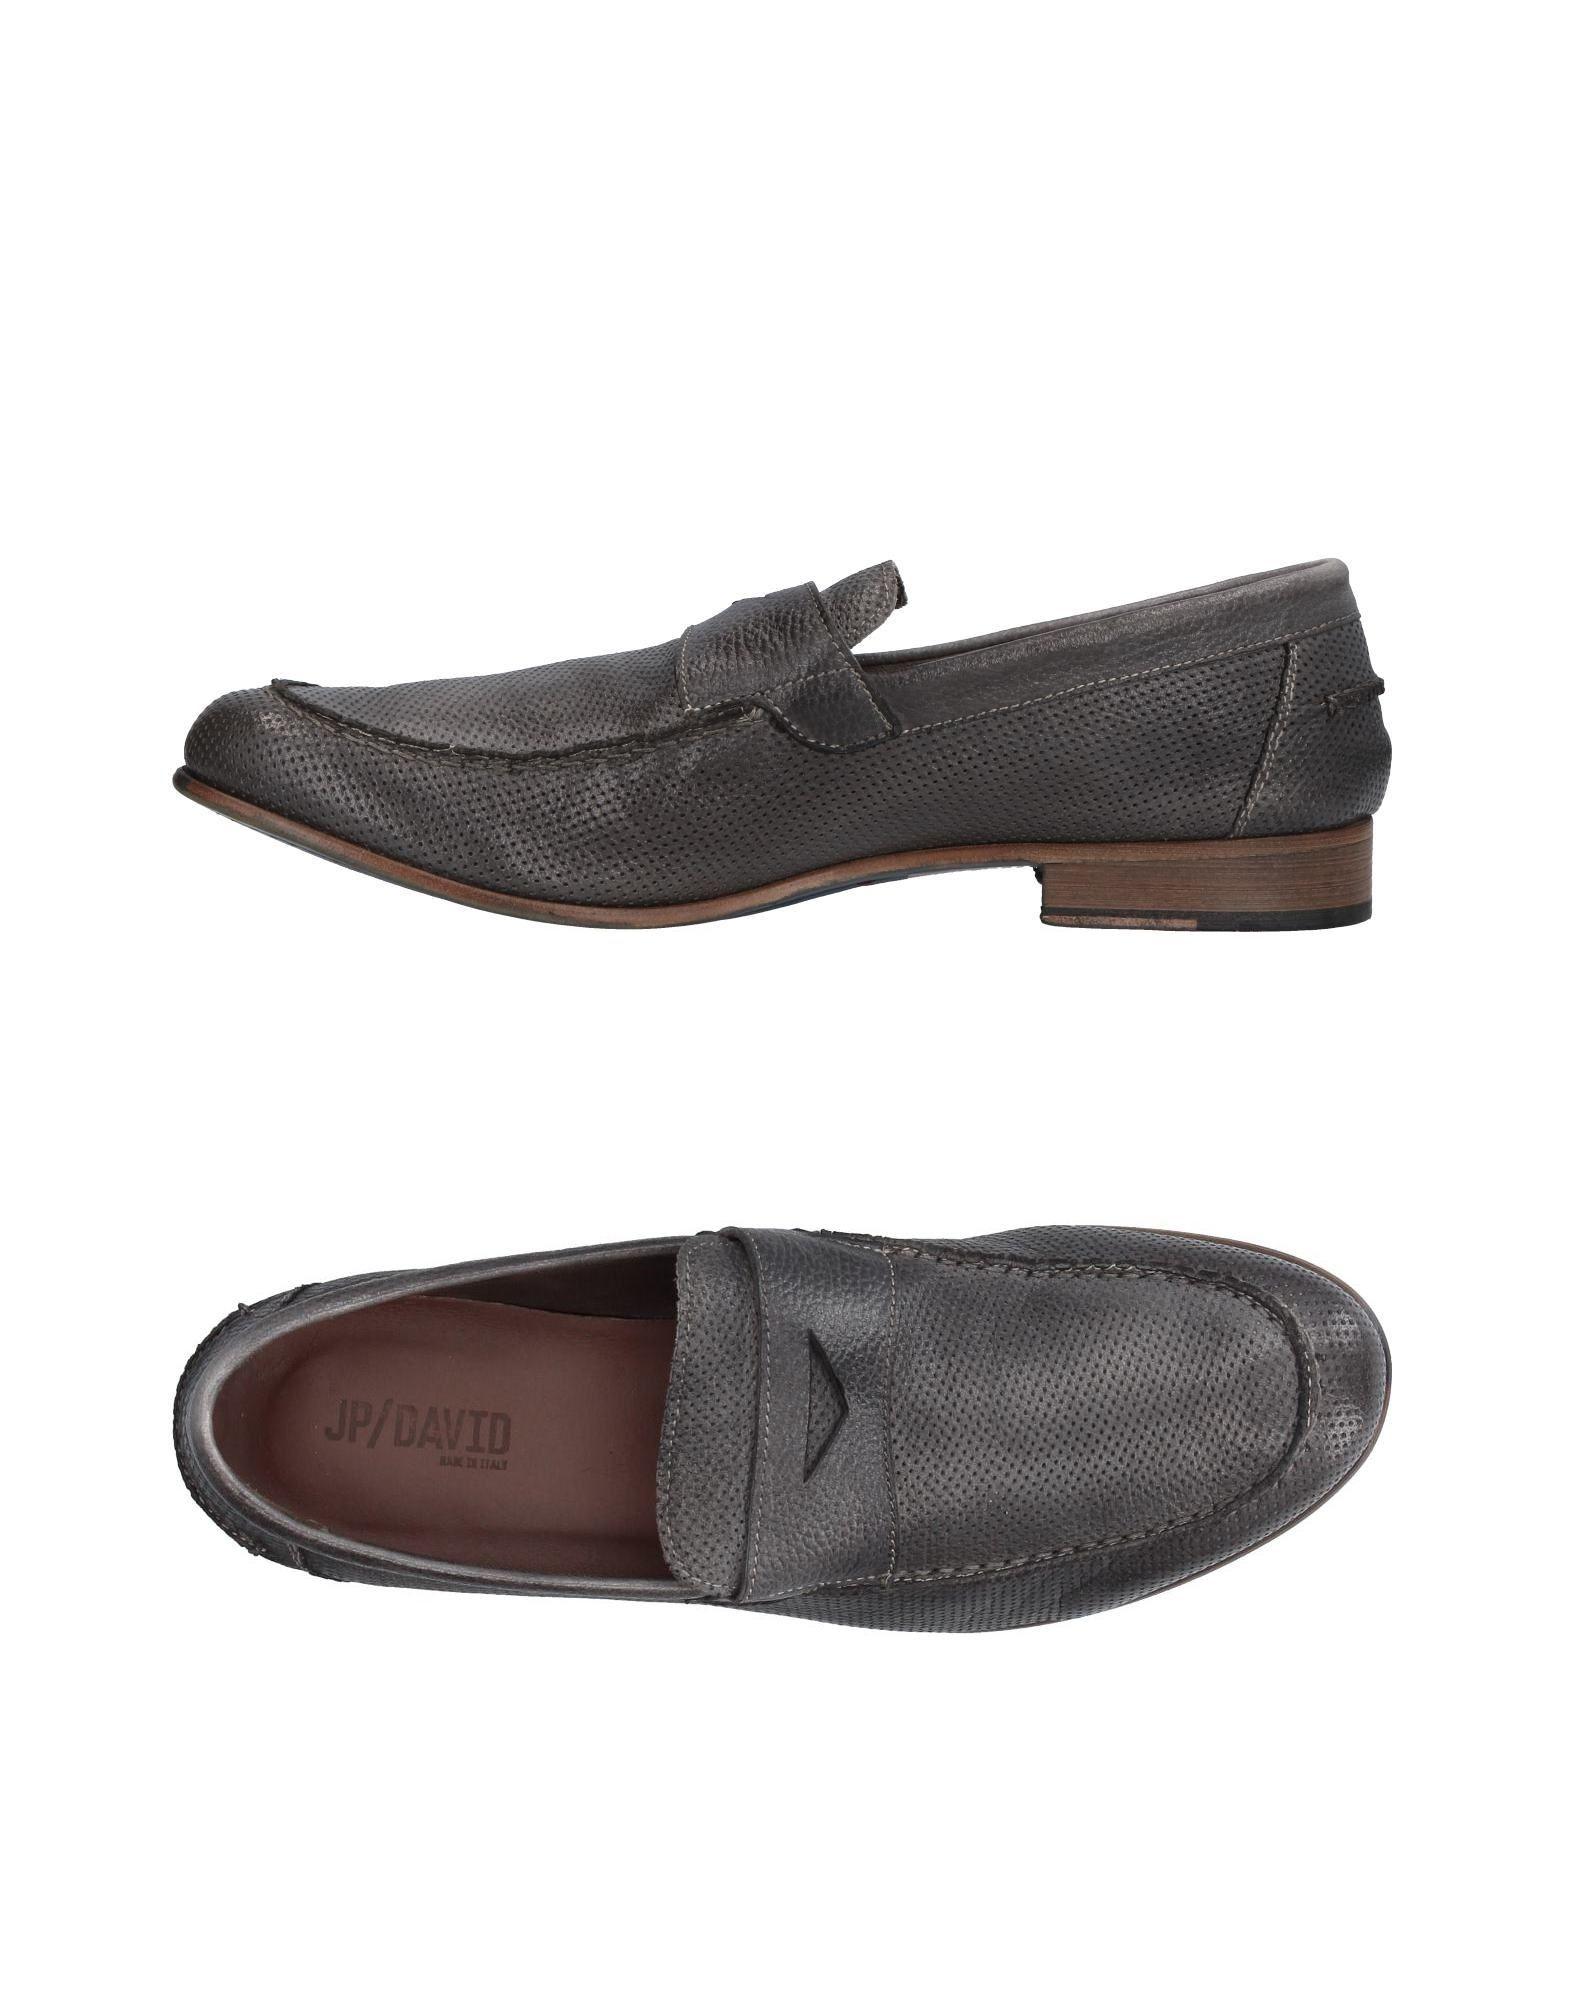 Chaussures Mosquitos noires femme J.p. David Chaussures J.P.DAVID J.p. David soldes Reebok Club C 85 Elm Merrell Bare Access Flex  38 EU 4LzPBfF